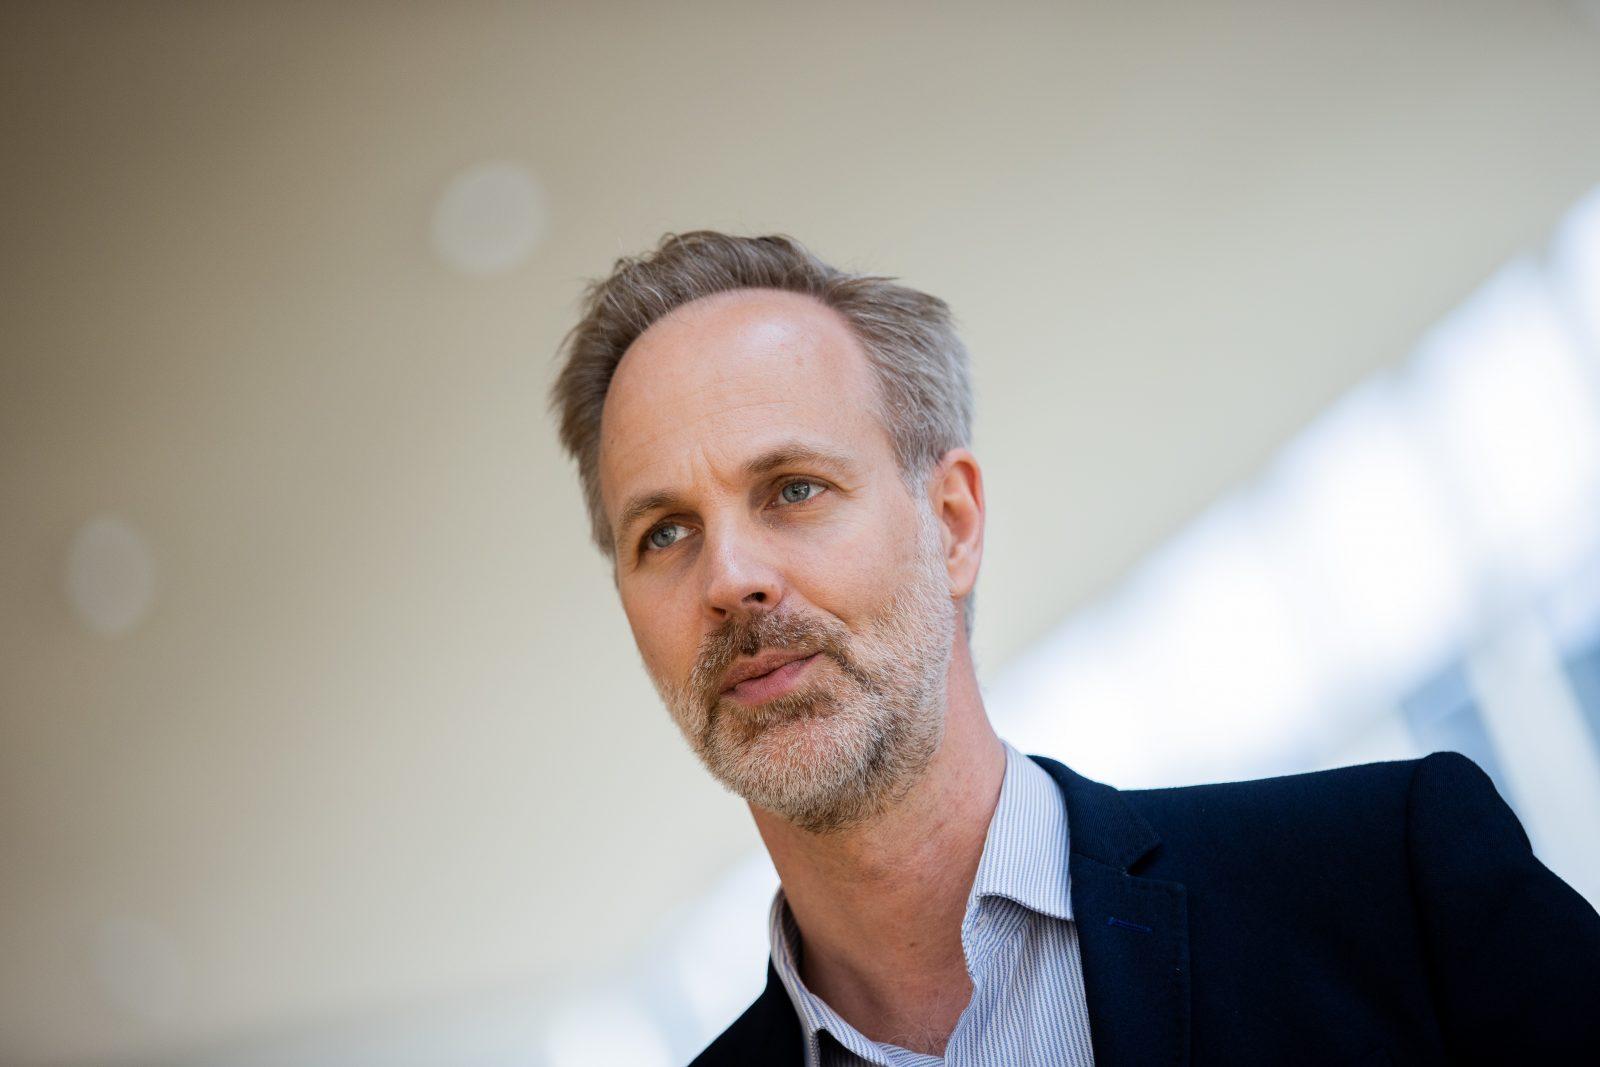 Der Vorsitzende des Bundes Deutscher Kriminalbeamter, Sebastian Fiedler, plädiert für ein Maßnahmenbündel gegen Rechts Foto: picture alliance/Rolf Vennenbernd/dpa